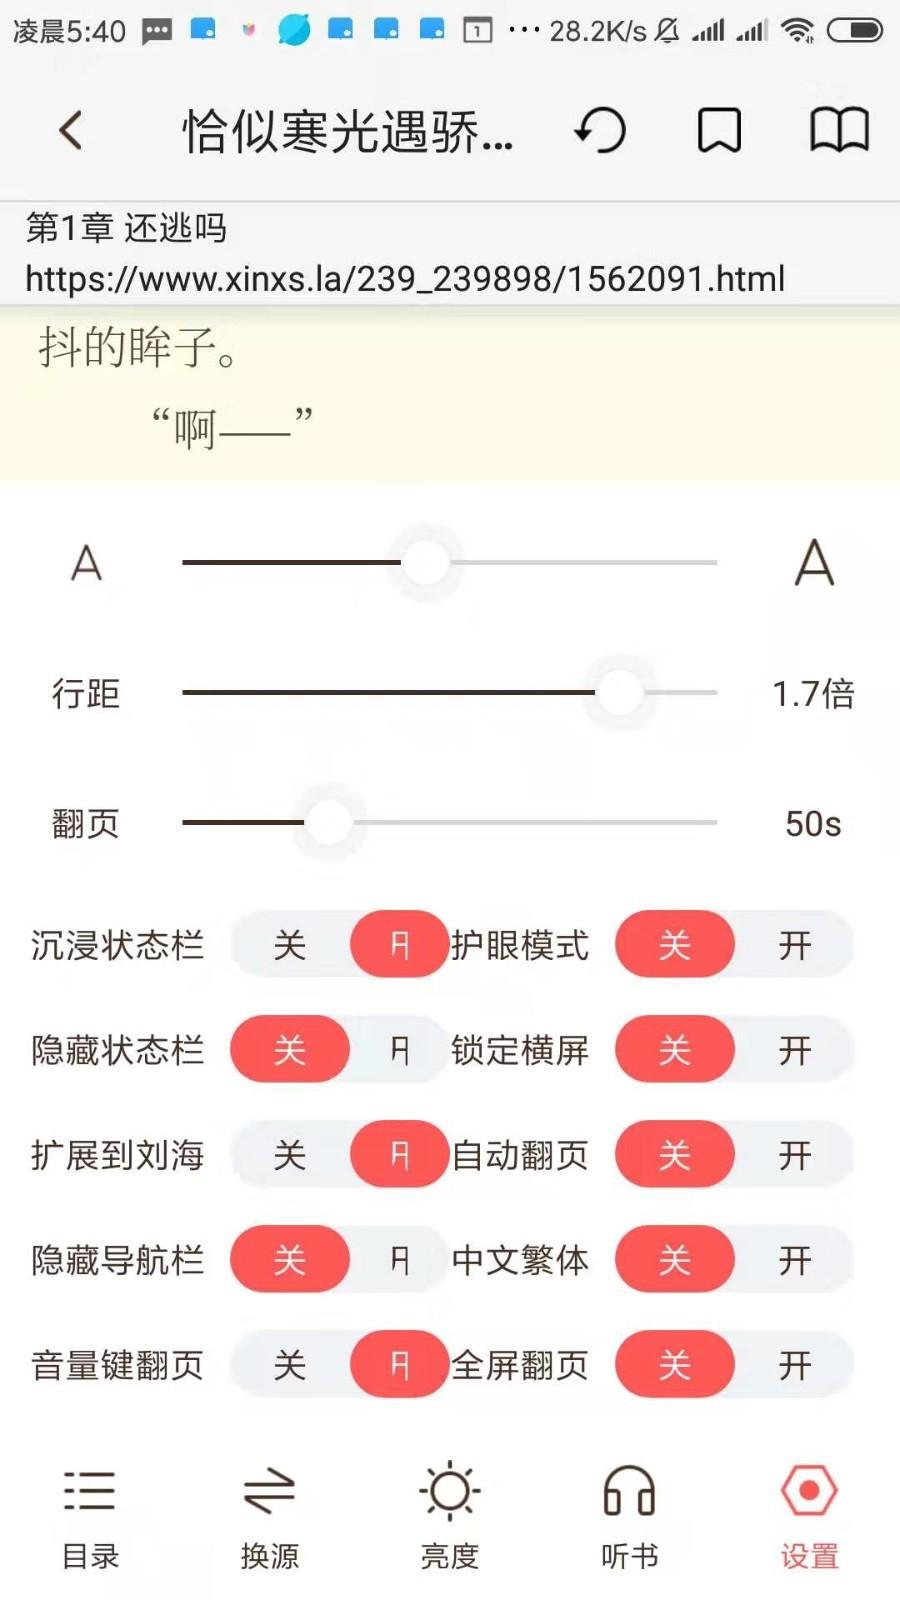 墨鱼小说APP V1.0.8 安卓版截图3